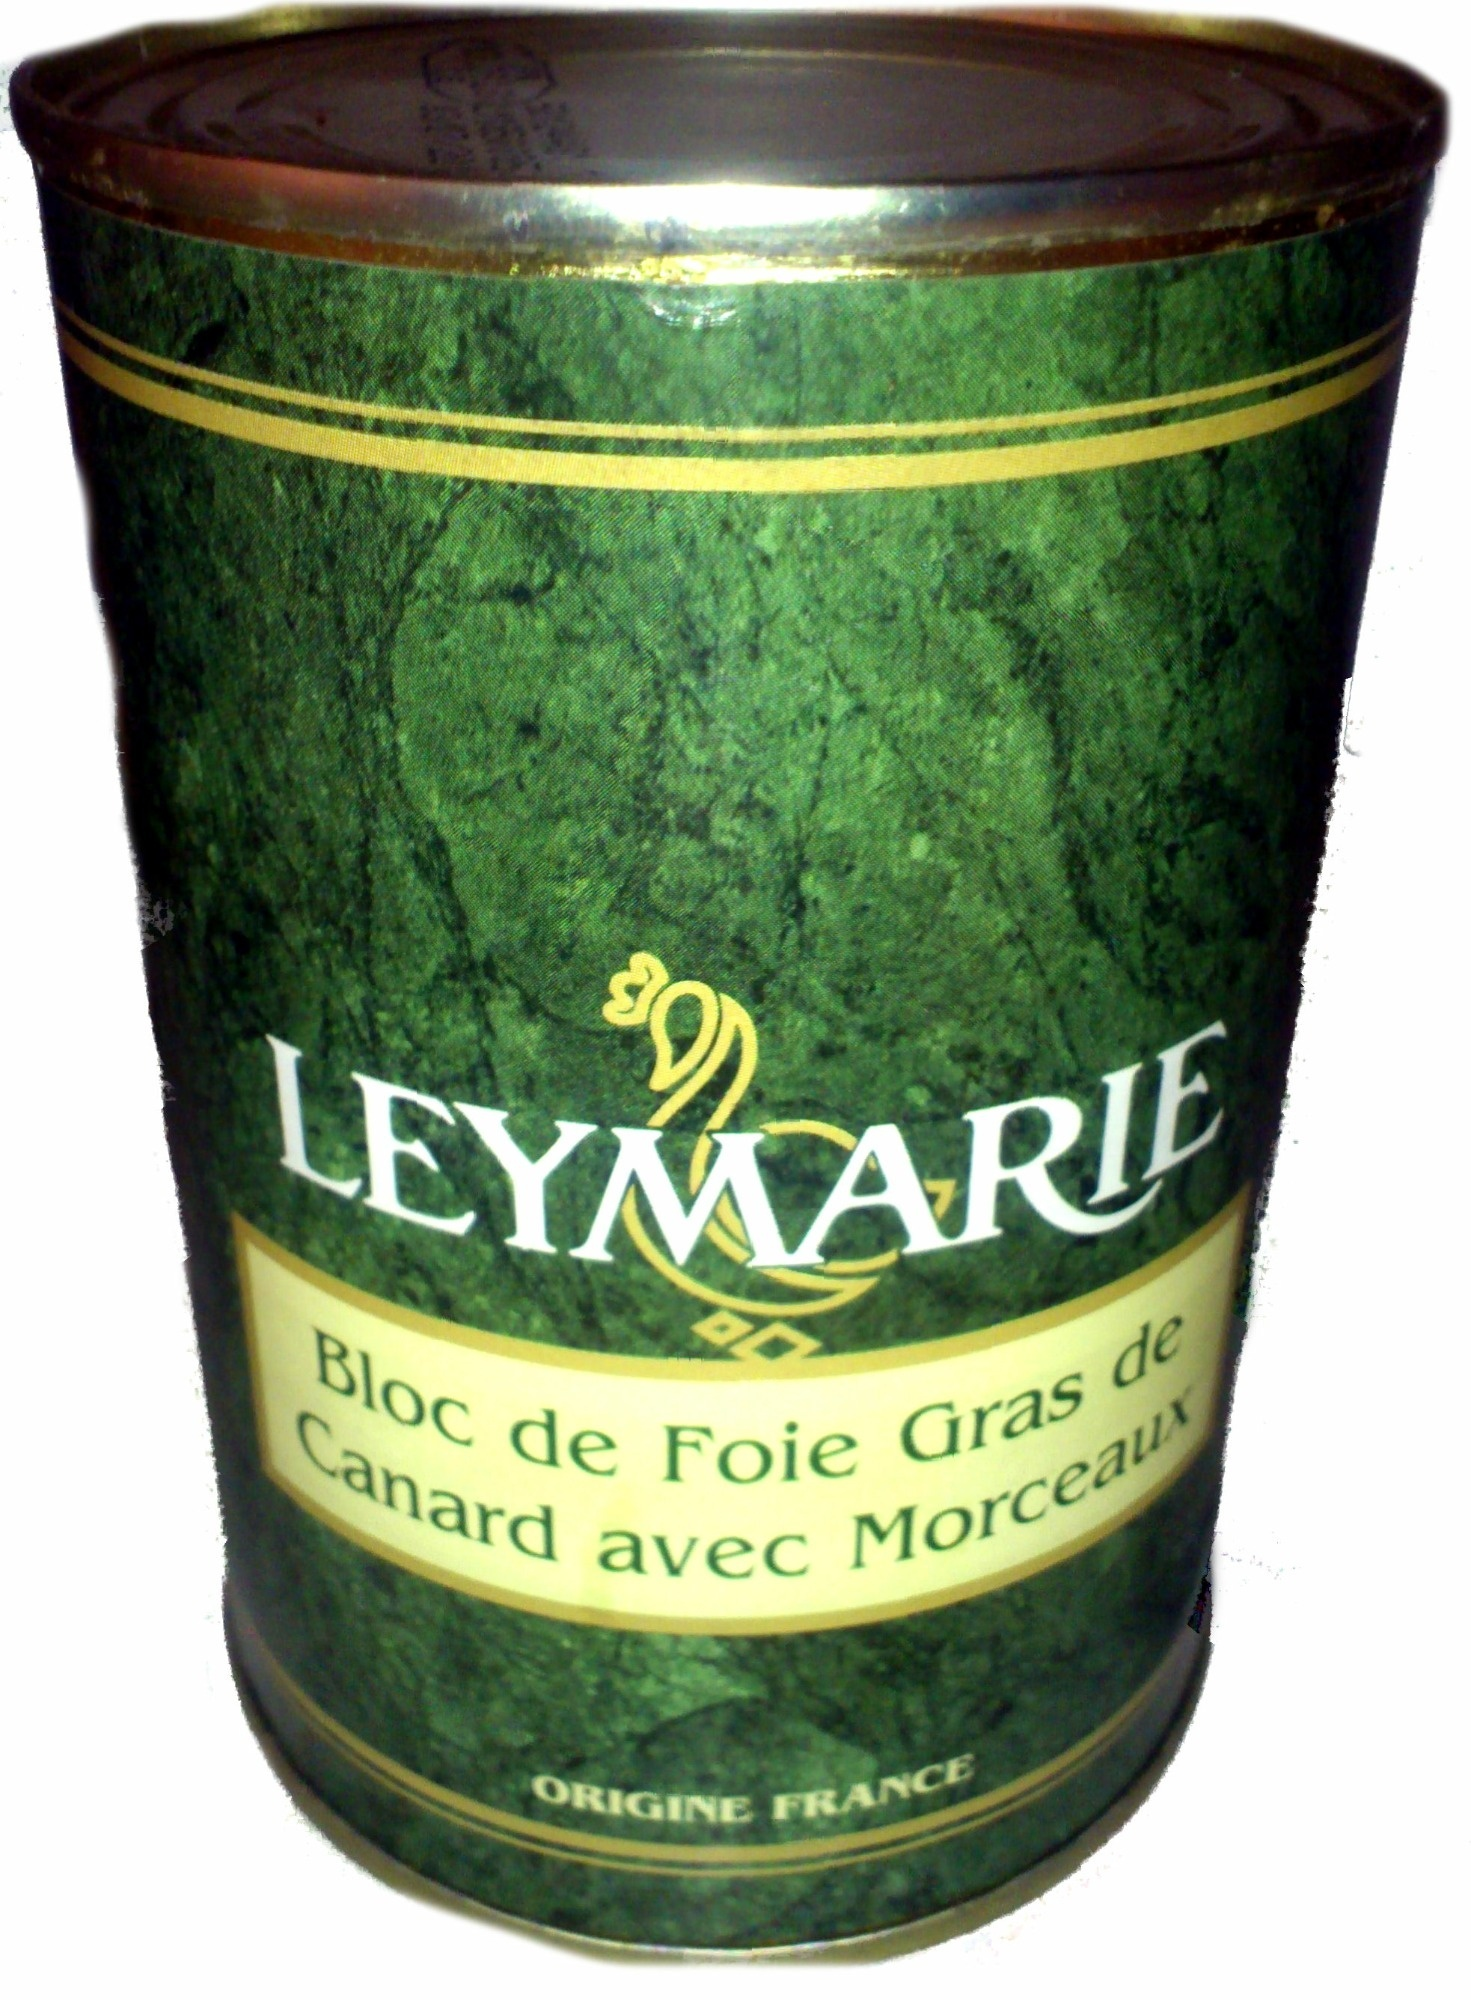 Foie gras Leymarie - Produit